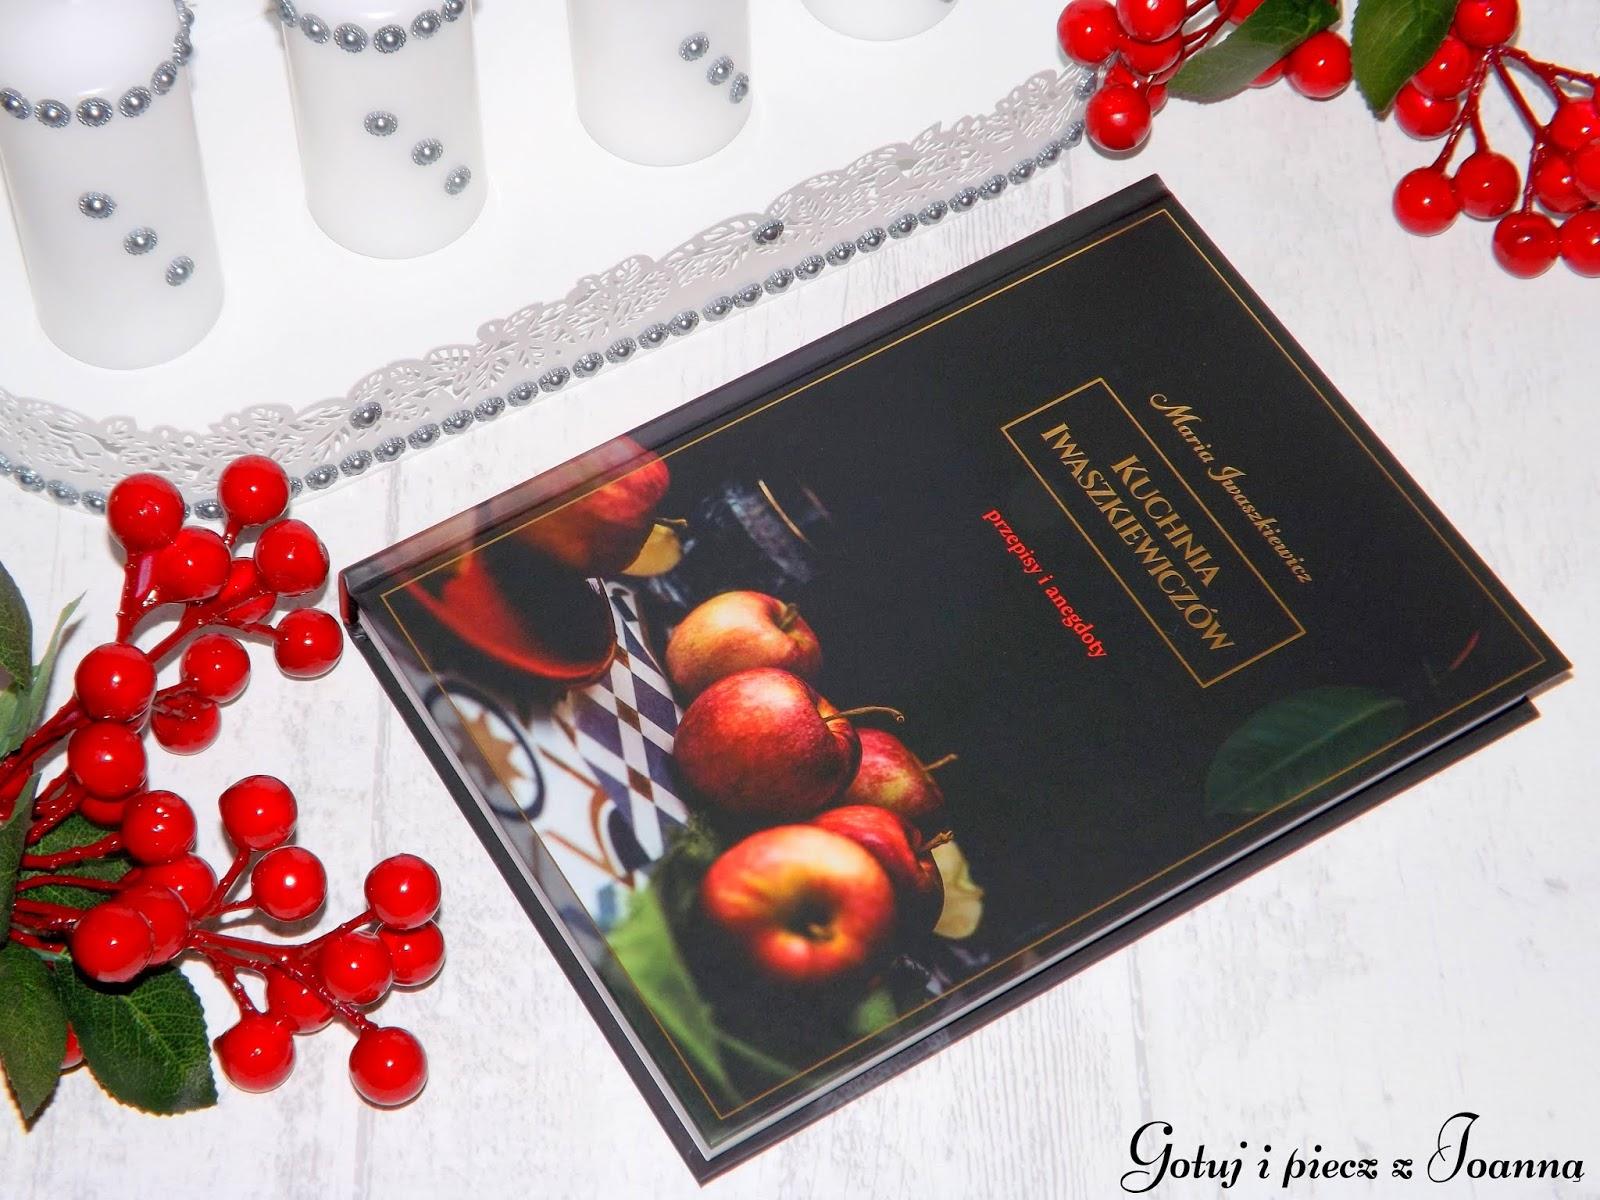 Kuchnia Iwaszkiewiczów - przepisy i anegdoty, recenzja książki